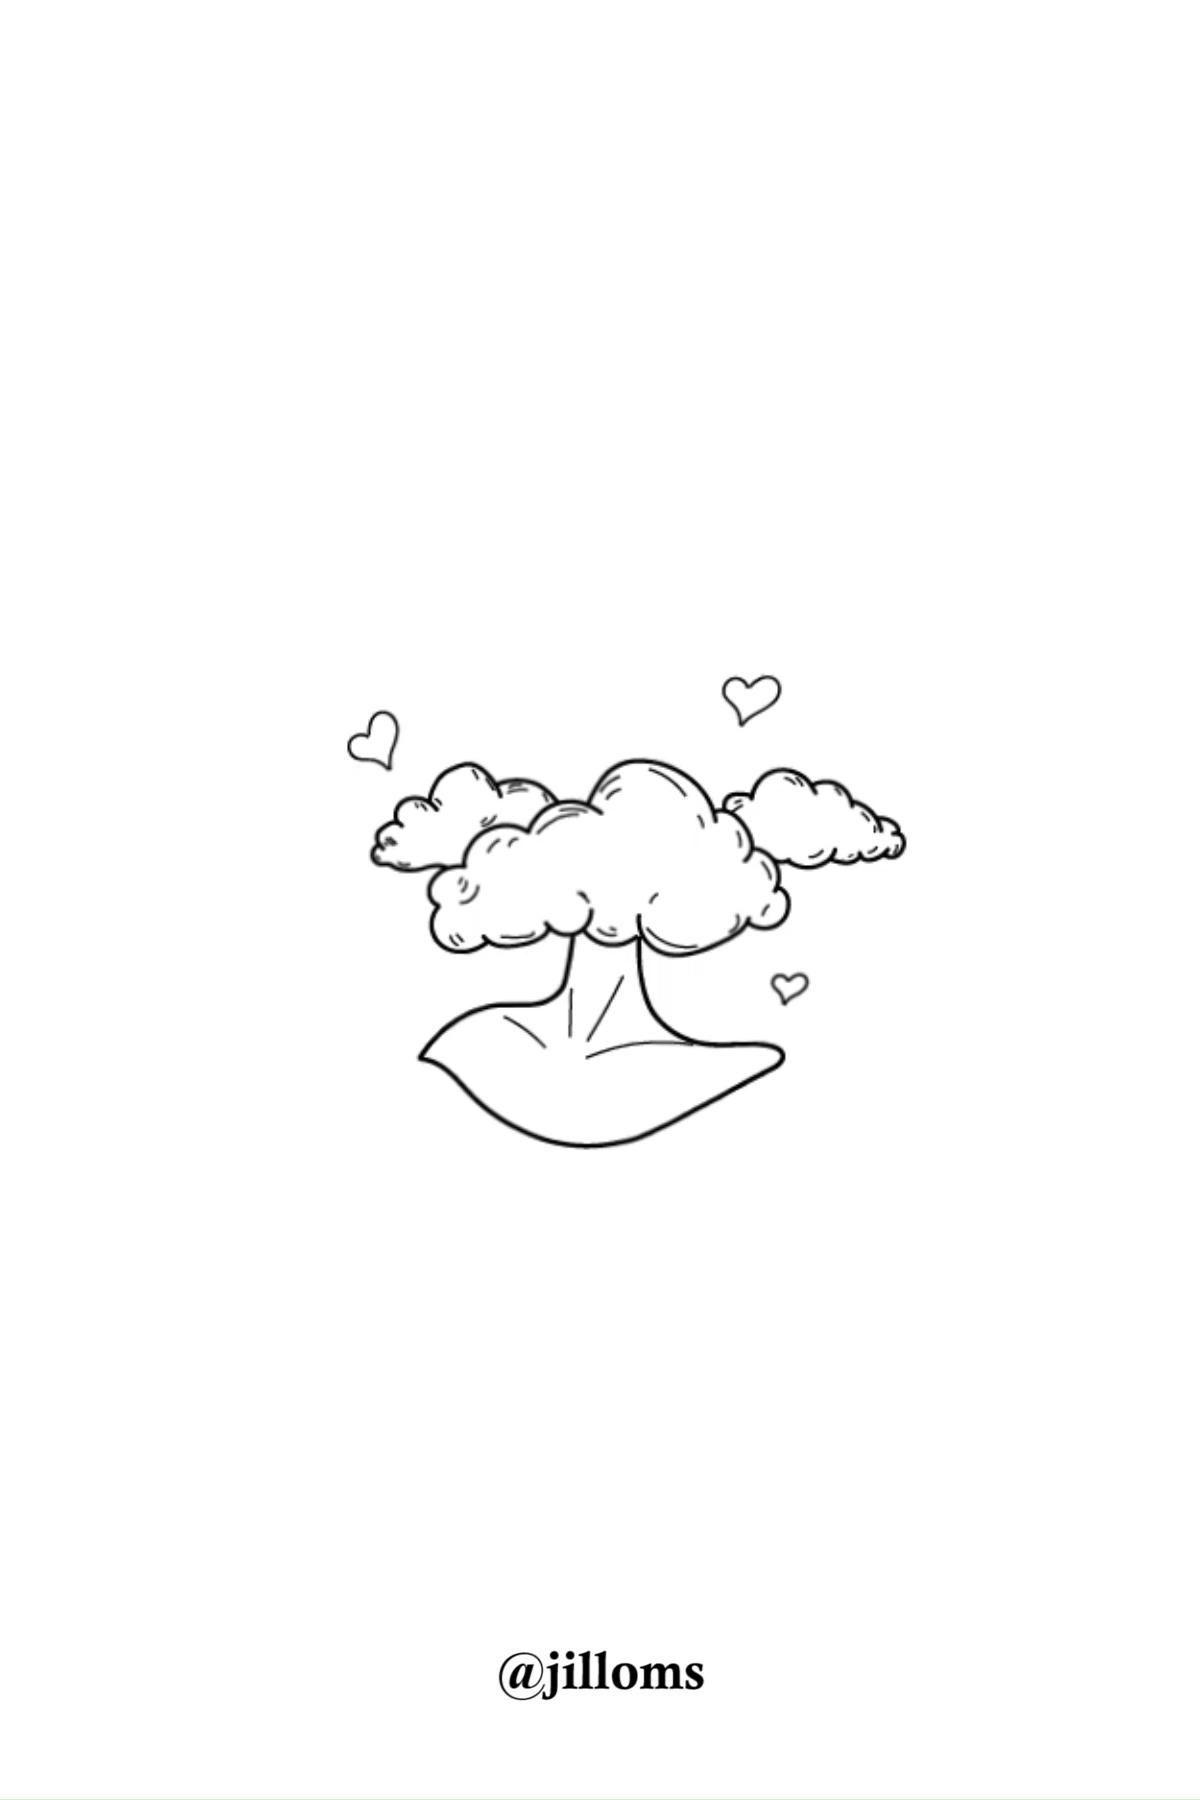 Minimalist Drawing Of Head In The Cloud Jillom On Youtube Illustration Essay Lonelines Lineart Illu Line Art Drawings Michelangelo